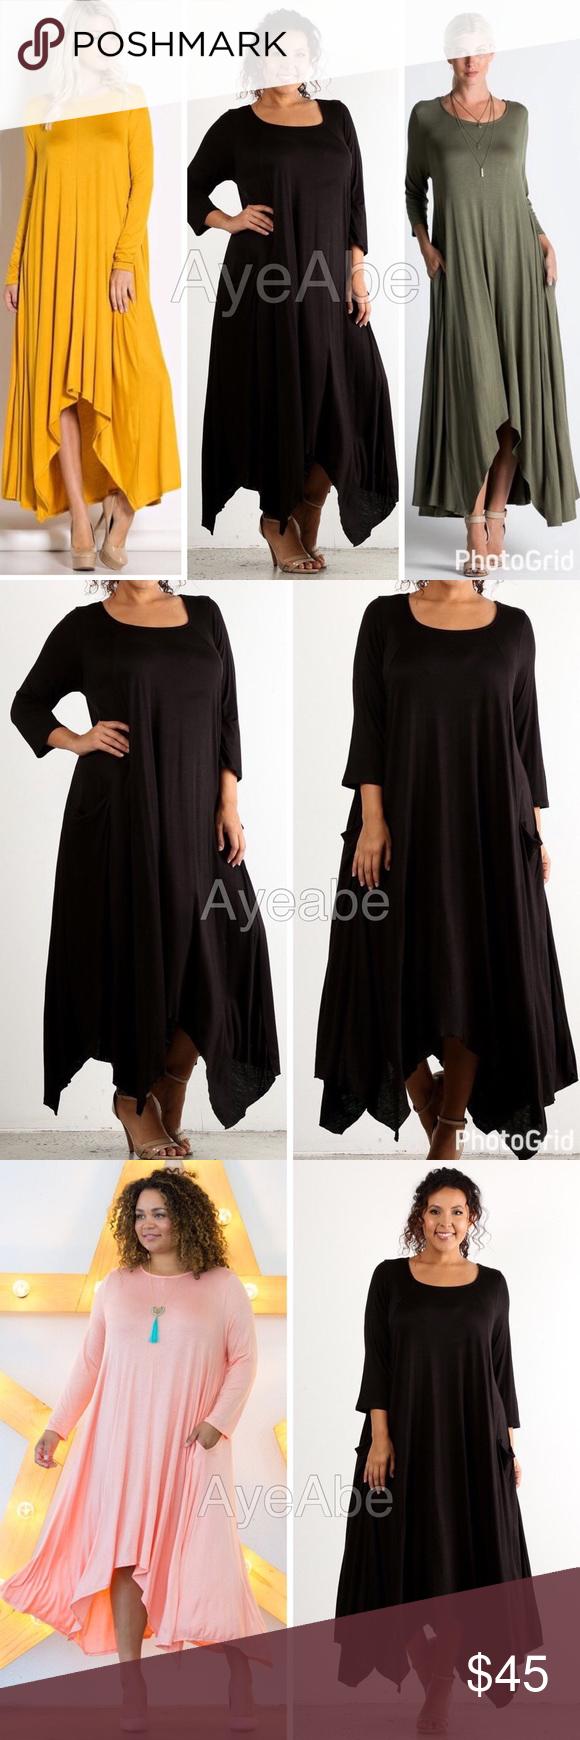 Plus size long sleeves asymmetrical hem maxi dress maxi dresses